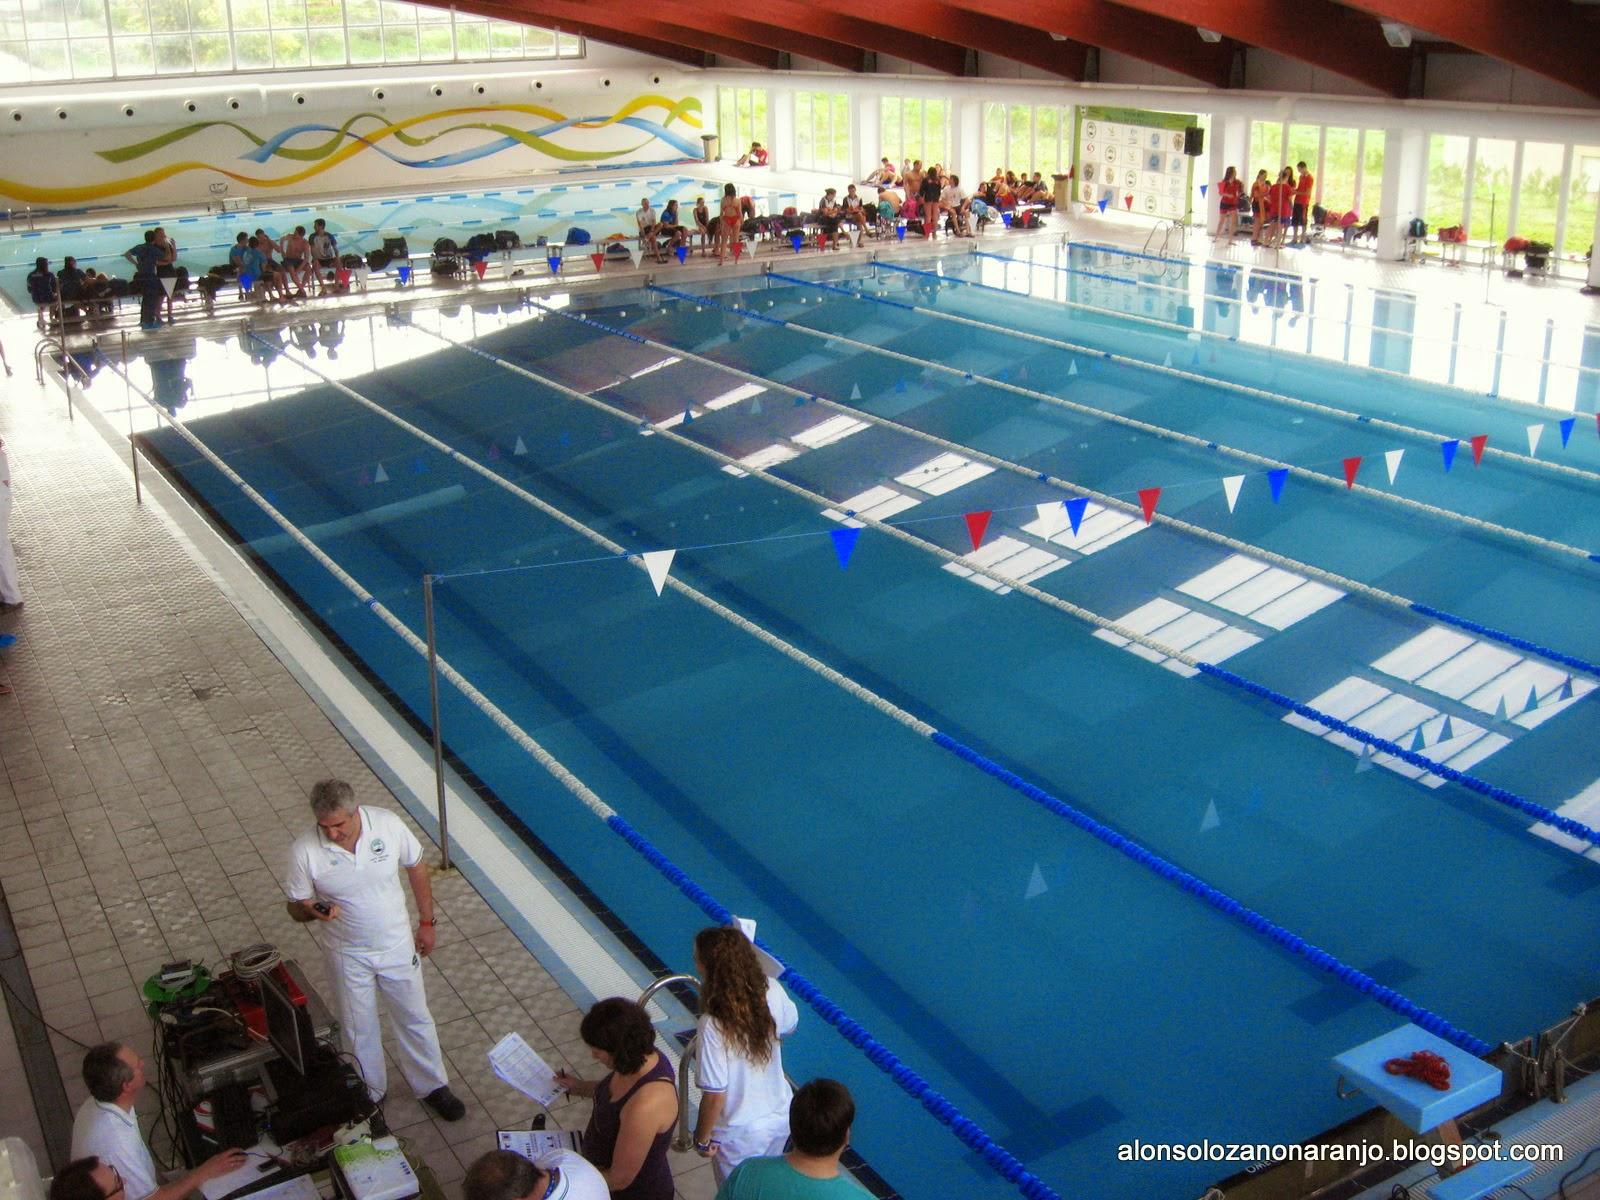 Alonso lozano mi blog fechas y sedes de los campeonatos for Piscina 50 metros barcelona